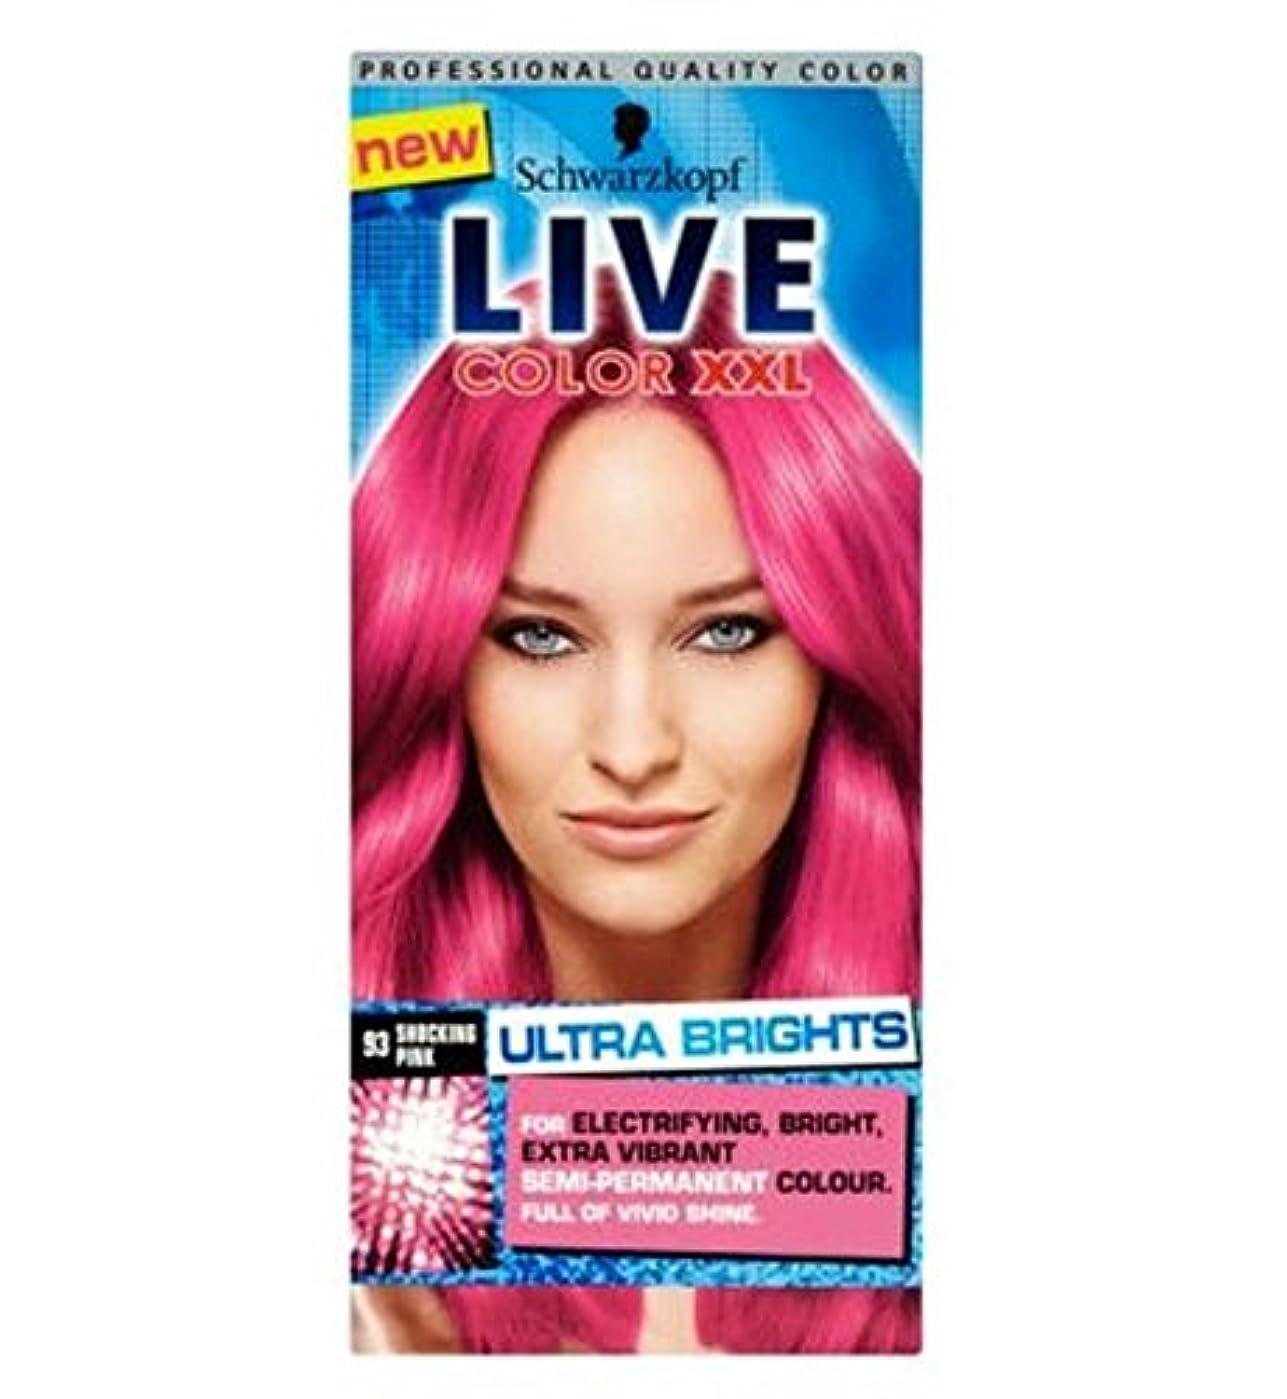 成長する恨みしないでくださいシュワルツコフライブカラーXxl超輝93ショッキングピンクの半永久的なピンクの髪の染料 (Schwarzkopf) (x2) - Schwarzkopf LIVE Color XXL Ultra Brights 93 Shocking Pink Semi-Permanent Pink Hair Dye (Pack of 2) [並行輸入品]